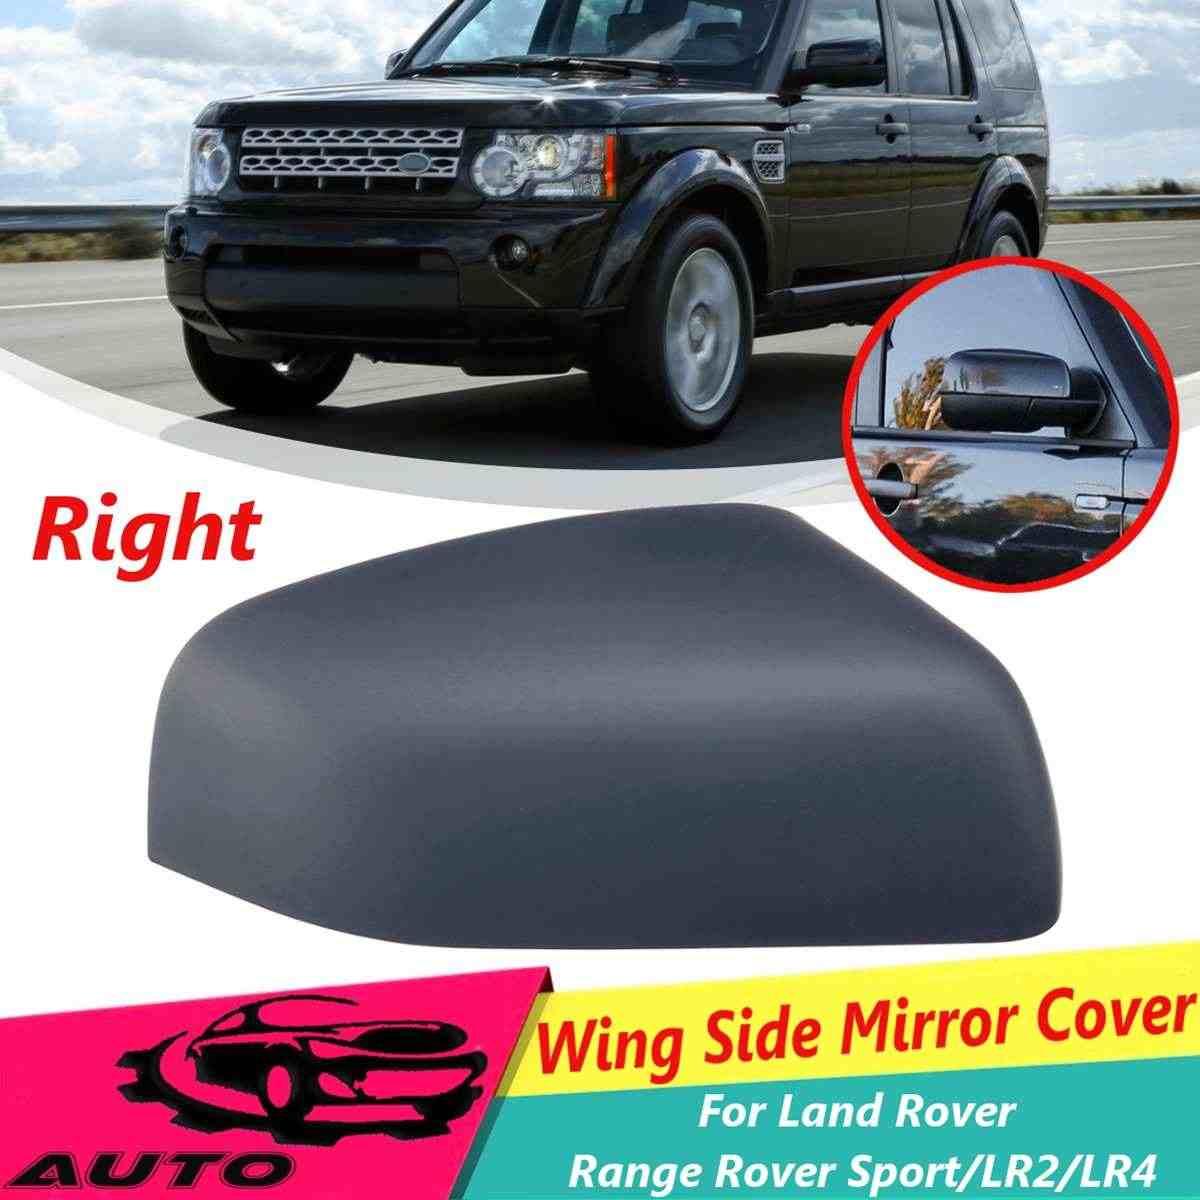 LR019962 1 пара автомобиля внешняя сторона крыло, Крышка корпуса зеркала для Ленд Ровер Range Rover Sport (Land Rover Range Rover Discovery 4 freelander 2 LR2 LR4 10-16